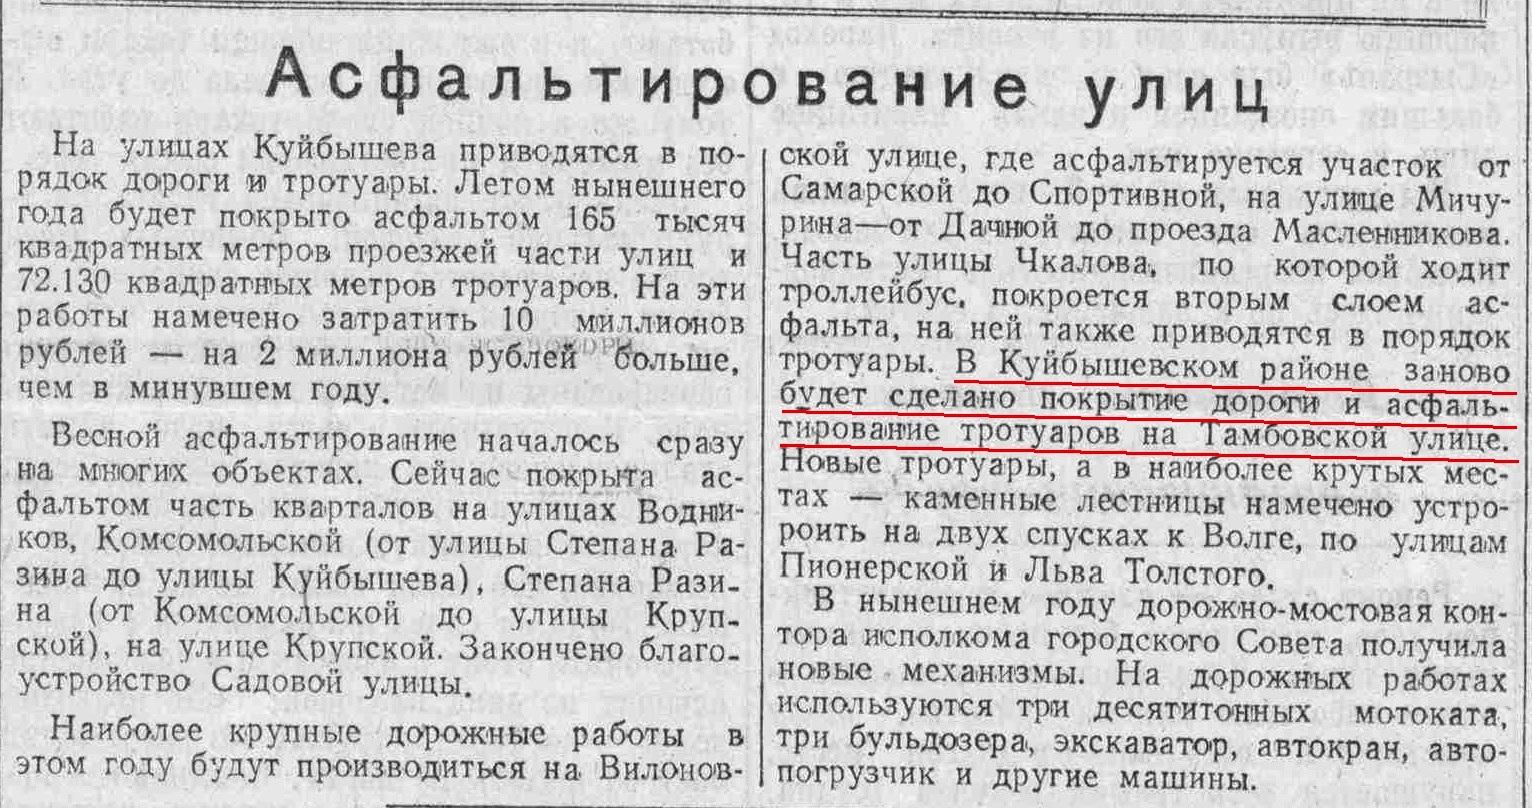 Тамбовская-ФОТО-08-ВКа-1954-06-26-об асфальтировании улиц